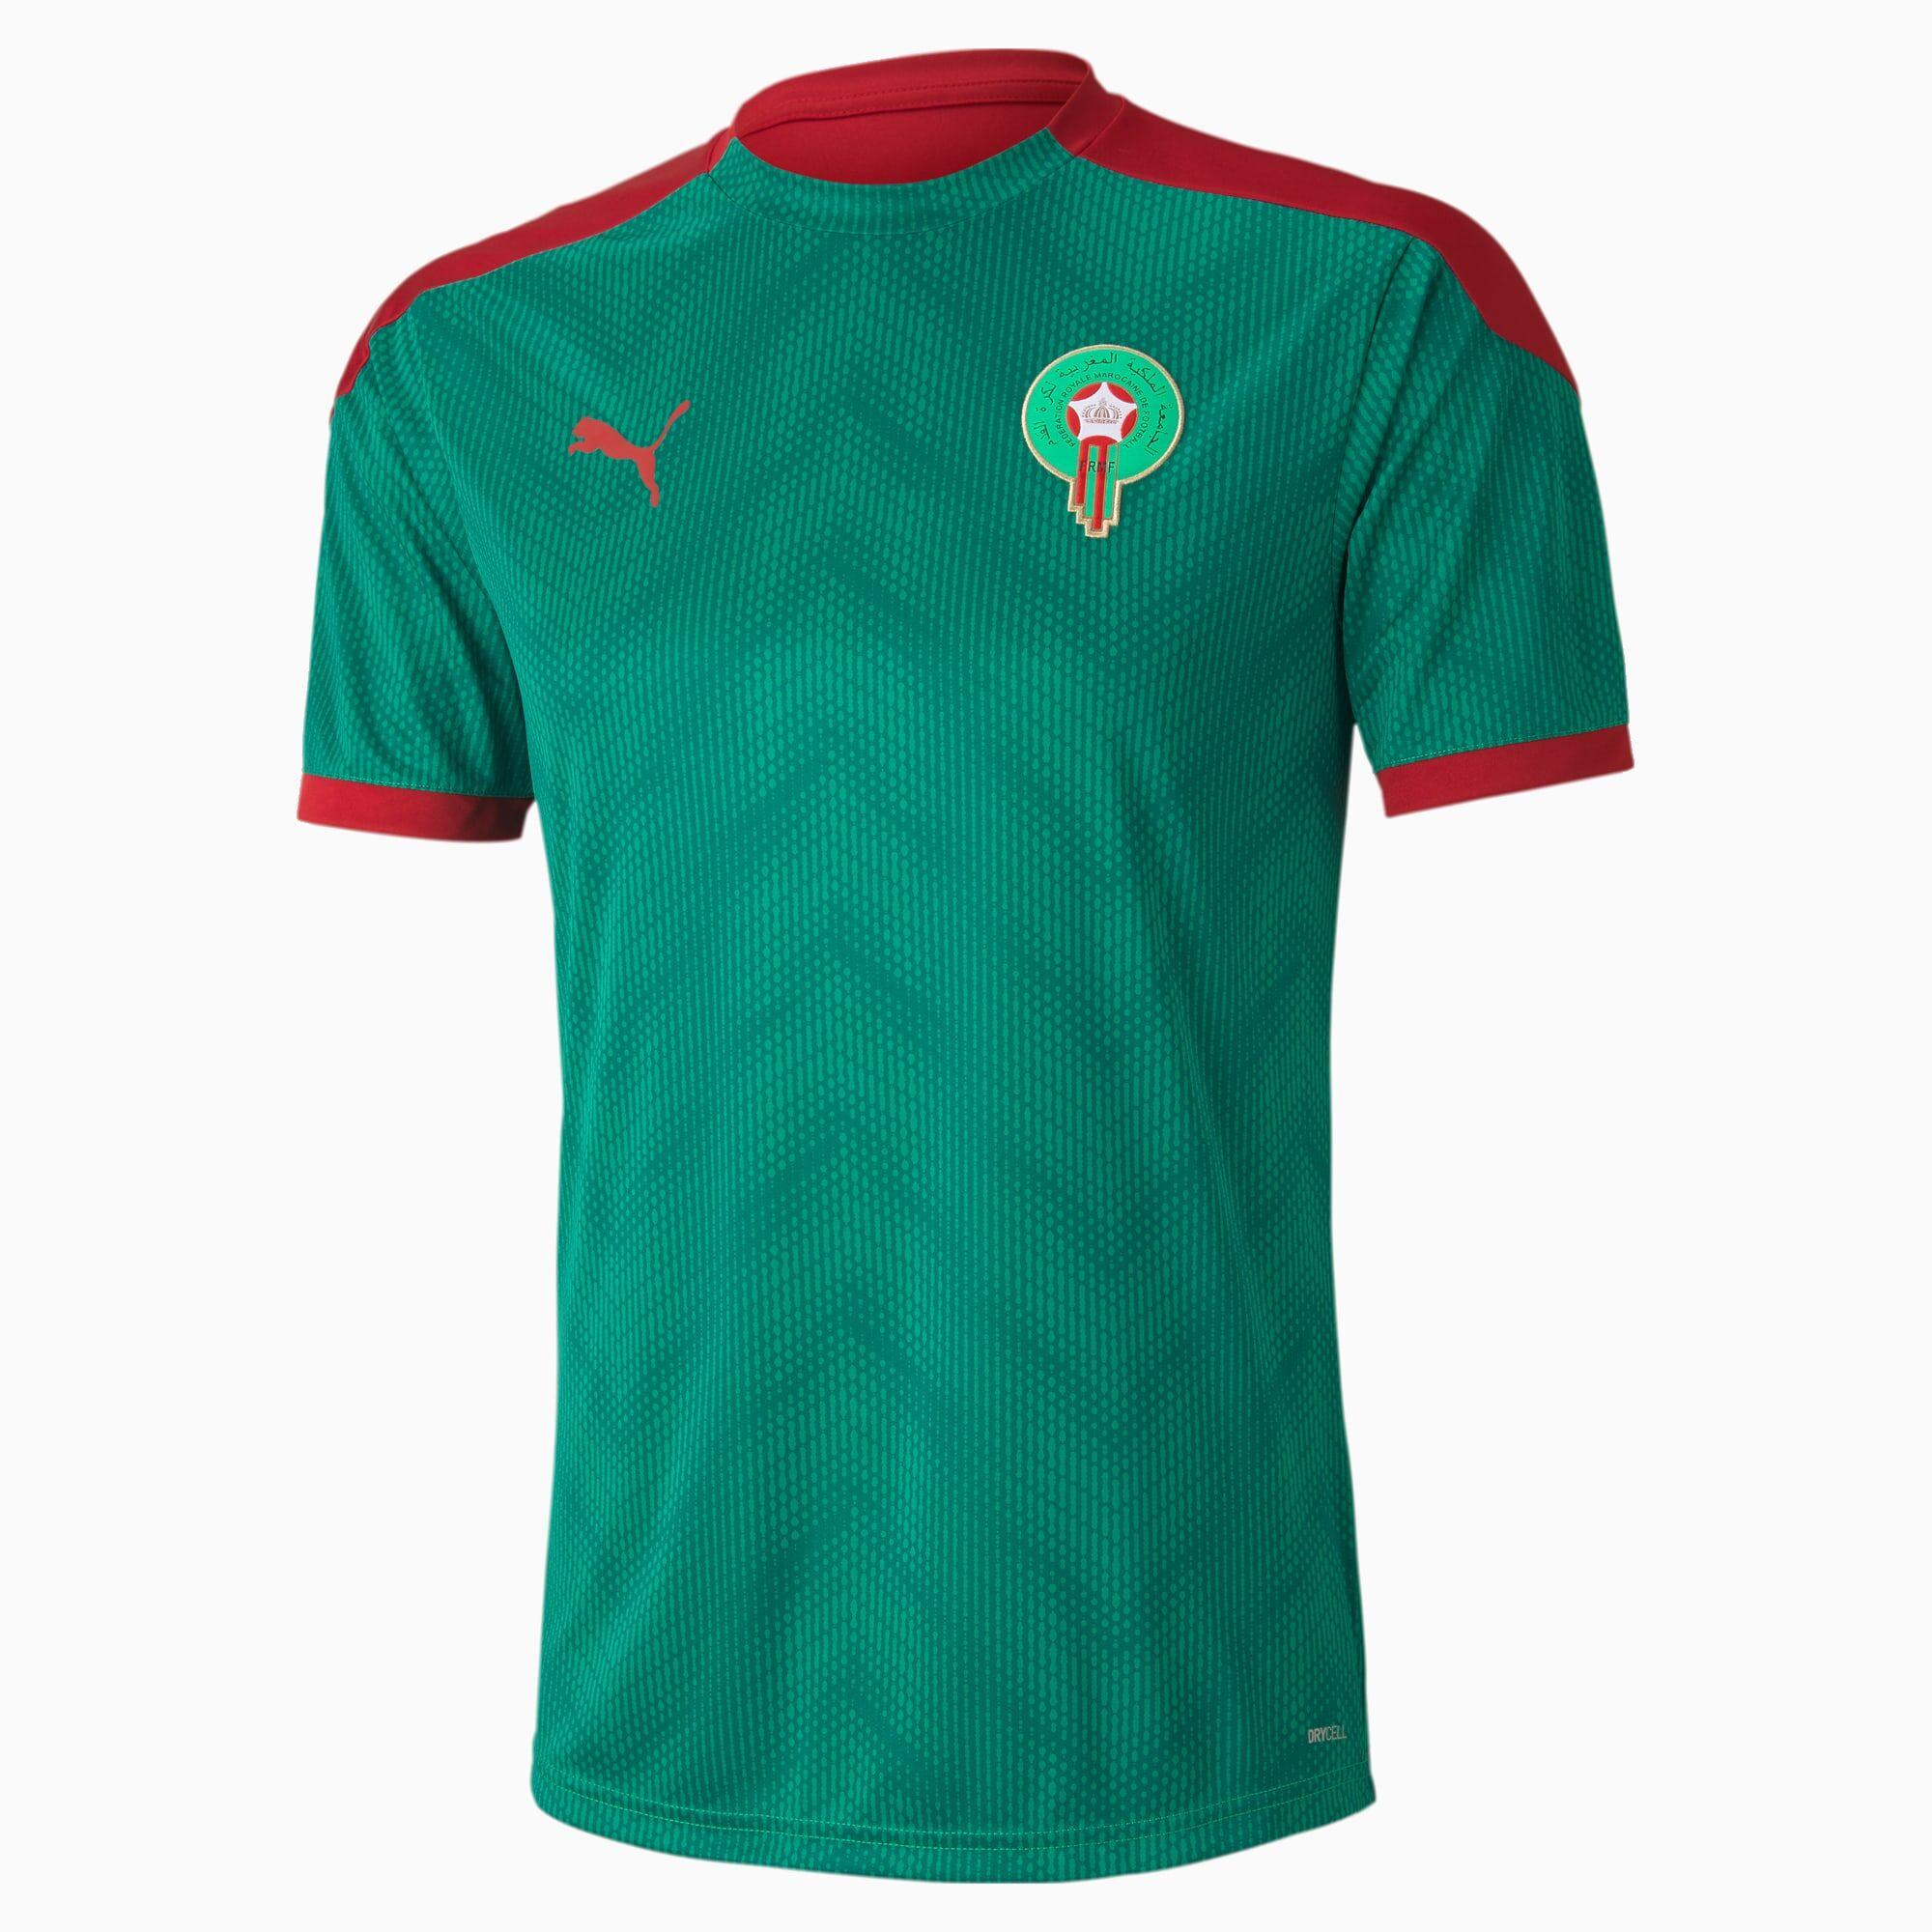 PUMA Maillot Stadium Maroc pour Homme, Vert/Rouge, Taille XXL, Vêtements